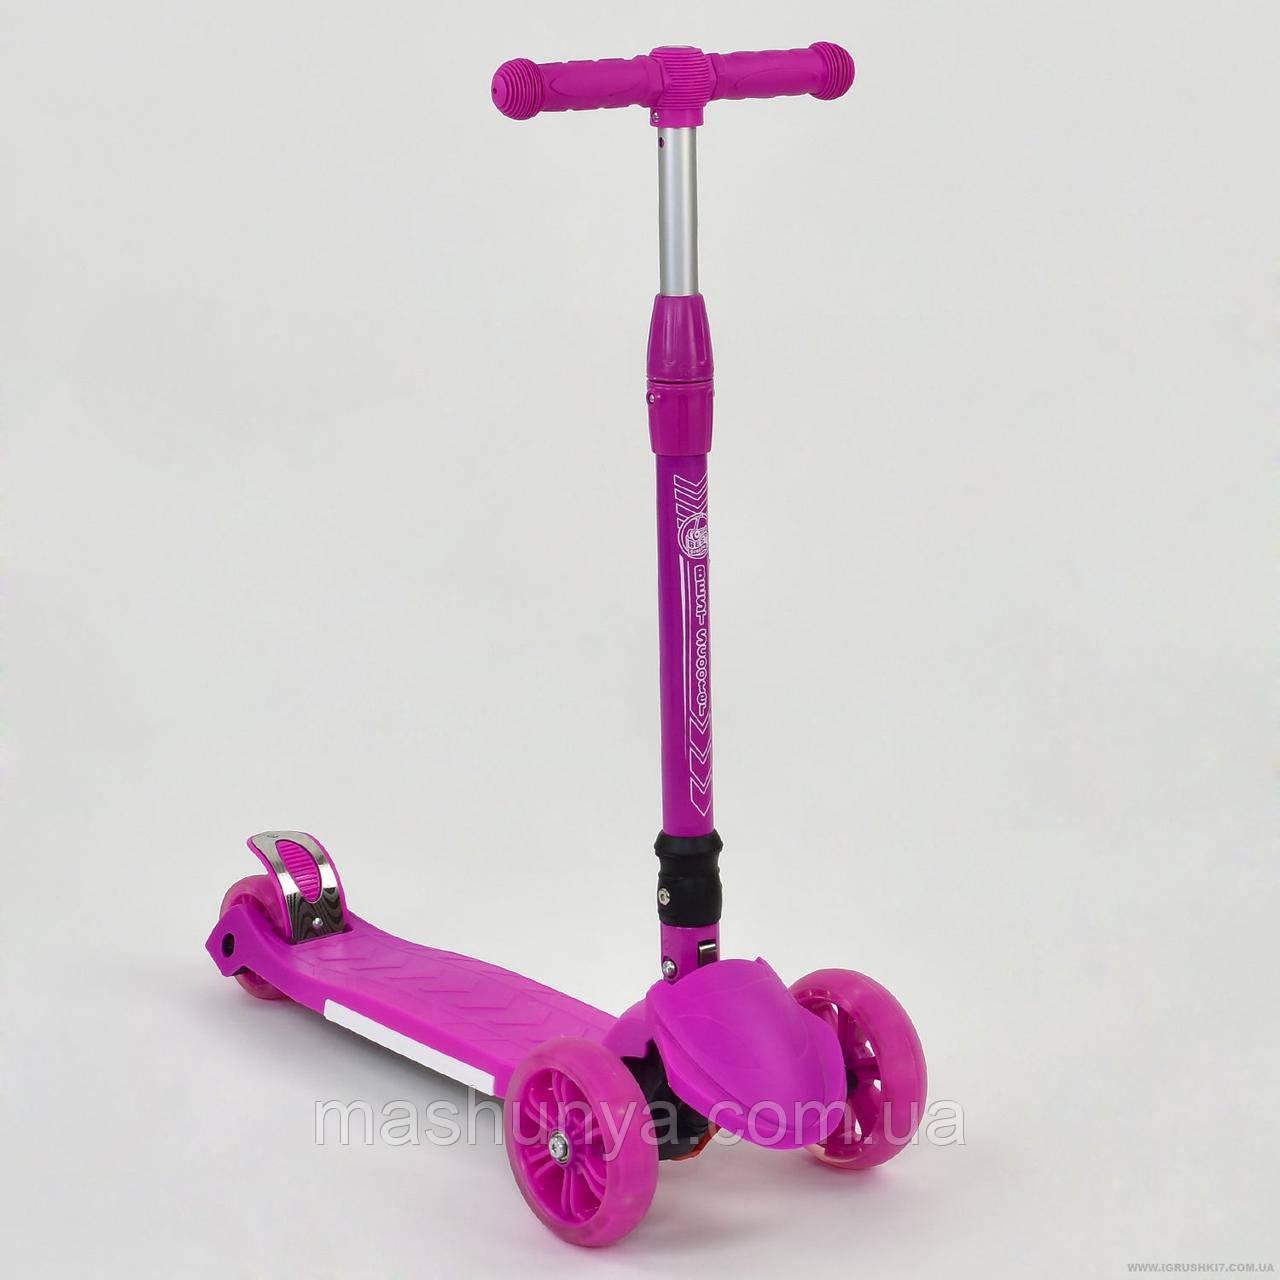 Самокат трехколесный co светящимися колесами Best Scooter 769 до 100 кг